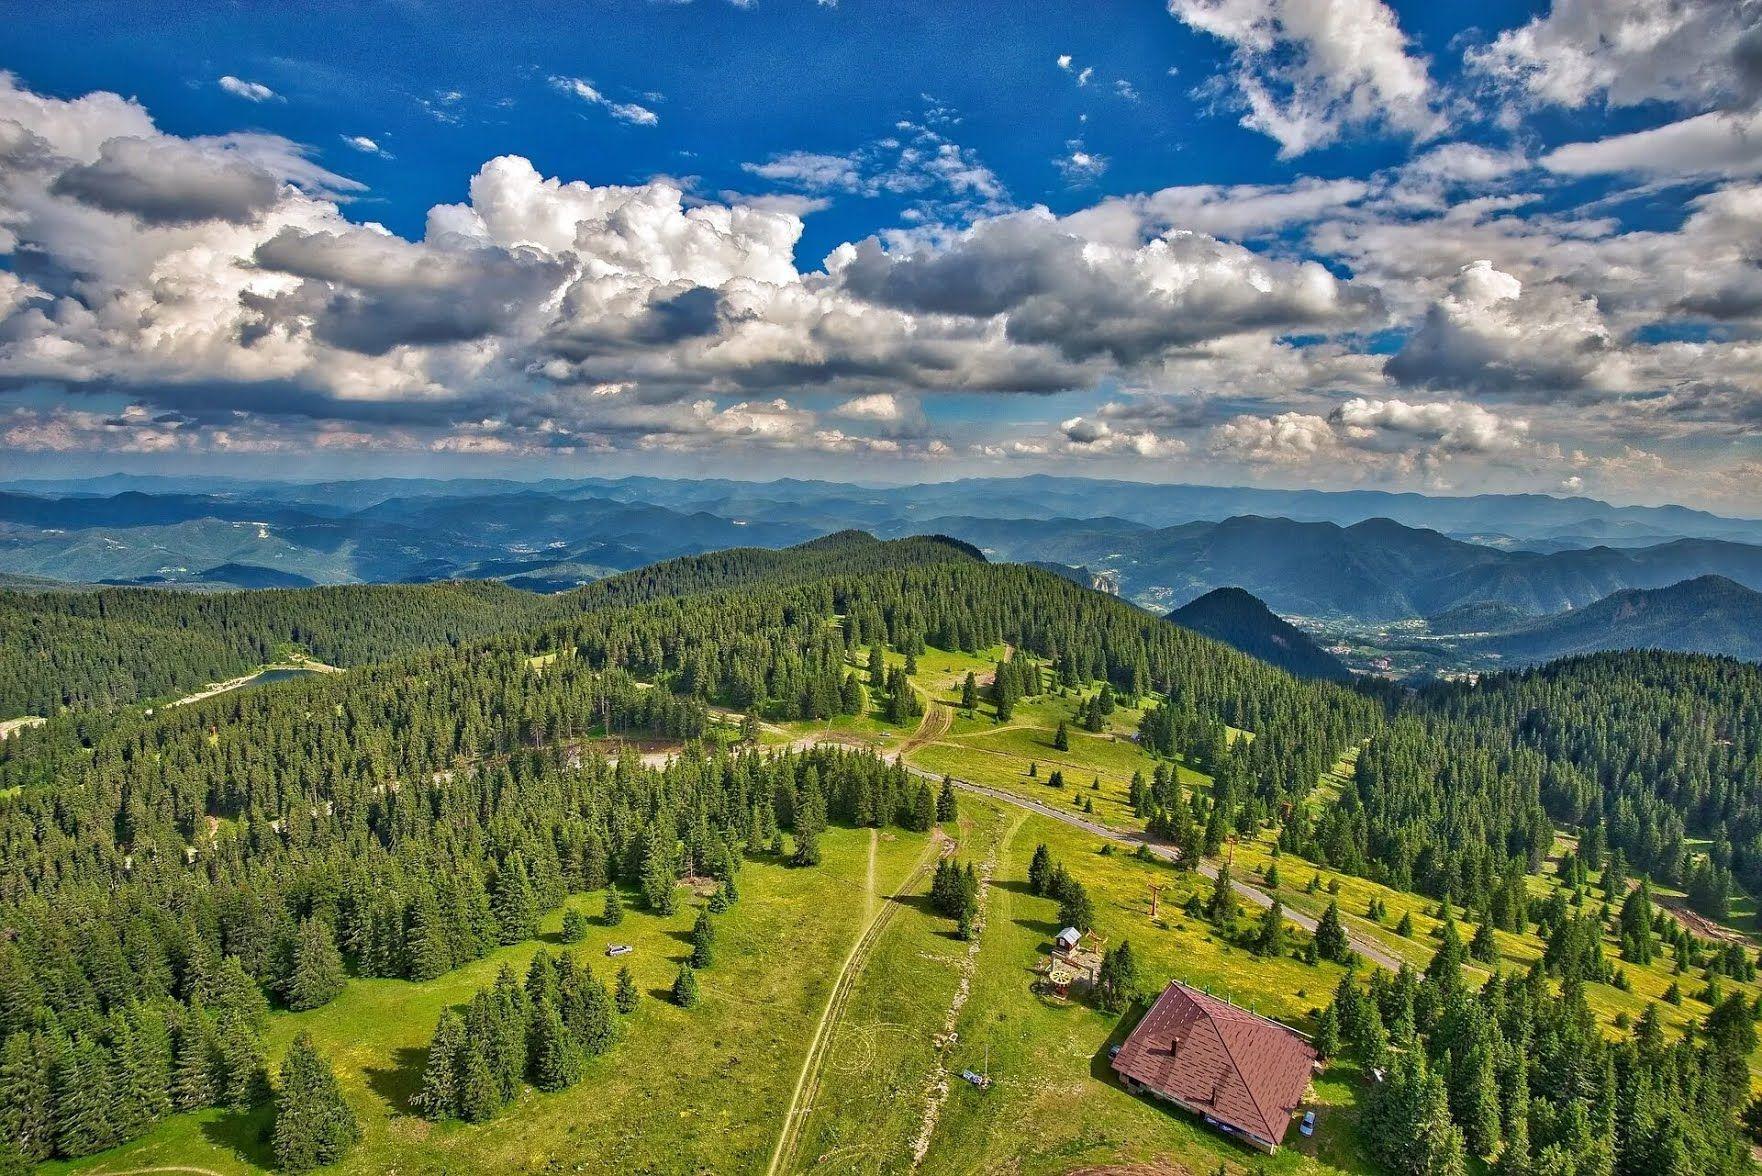 Средняя цена за интересную экскурсию по Болгарии – 50-75$.